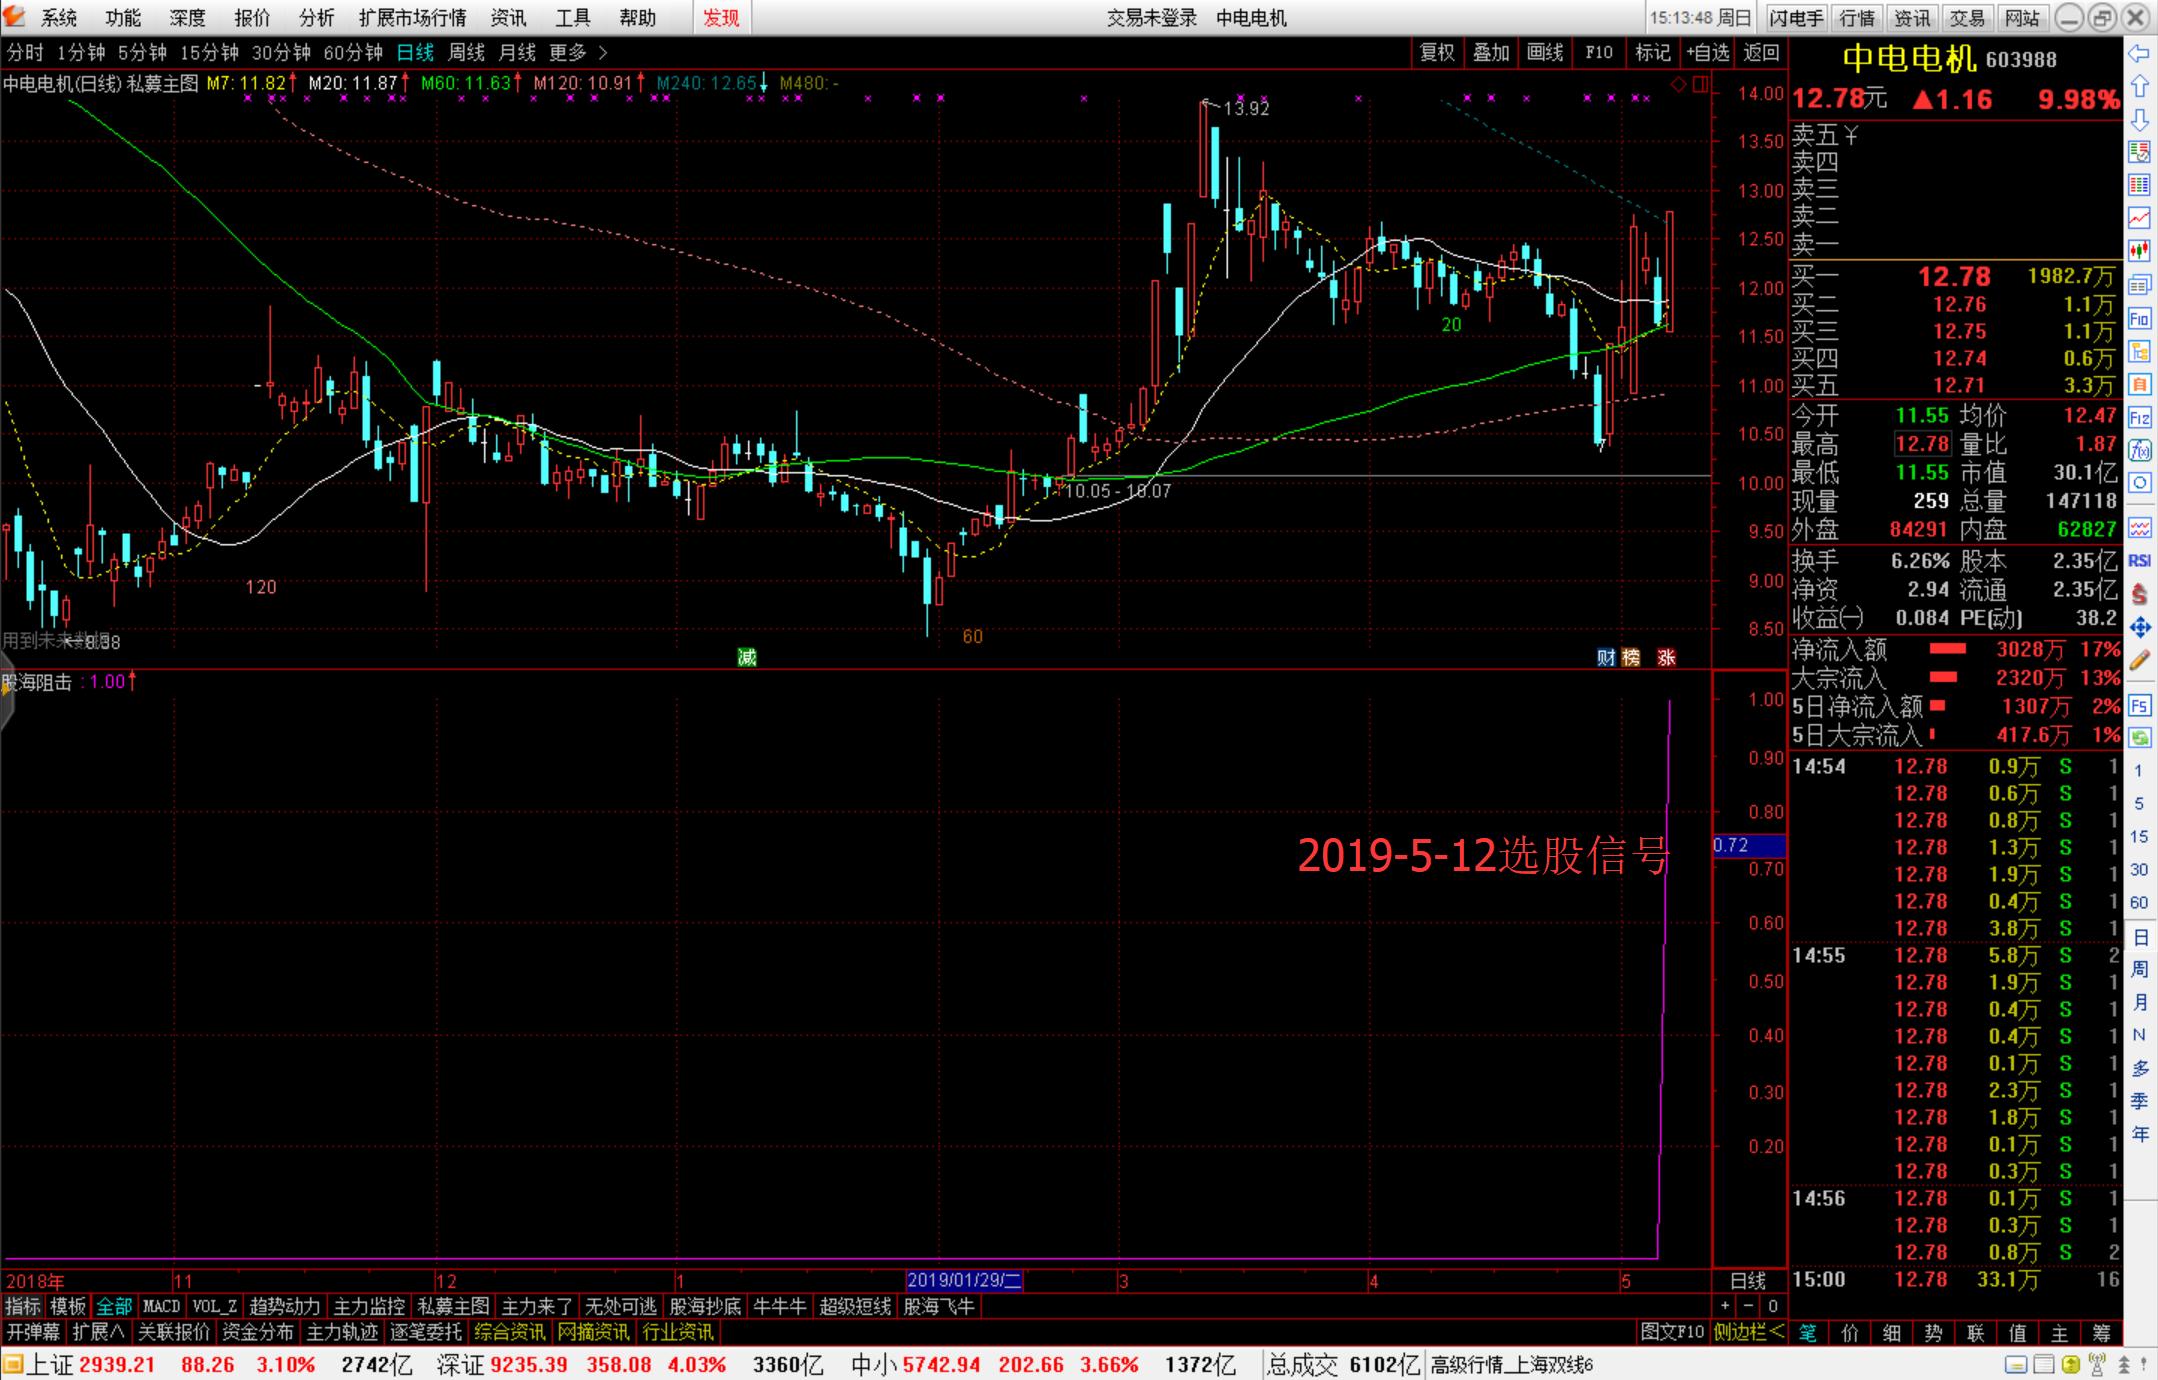 超强选股预警公式 股海阻击 第三天实盘选股验证发布